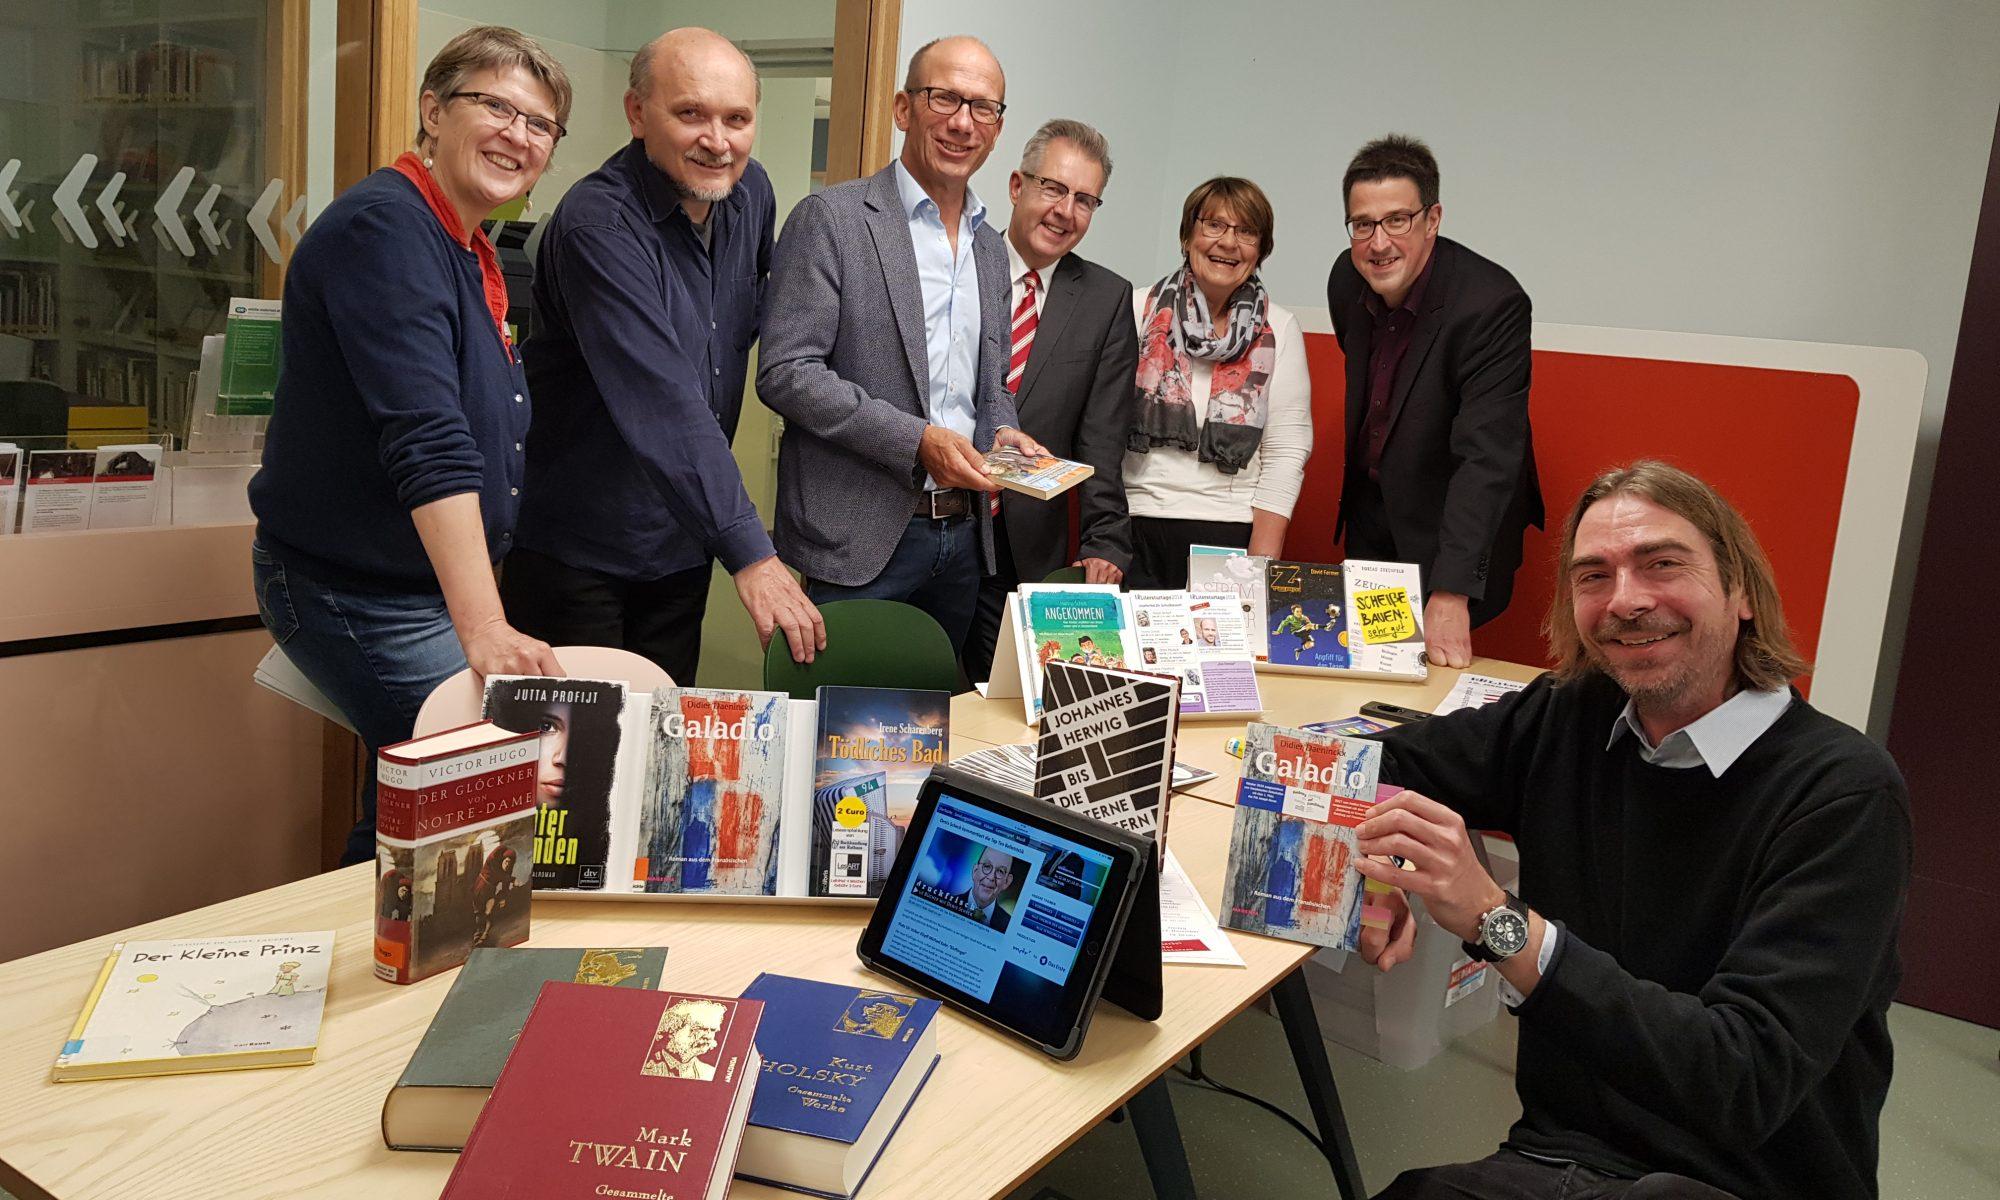 Gruppenbild bei der Programmvorstellung der Literaturtage 2018